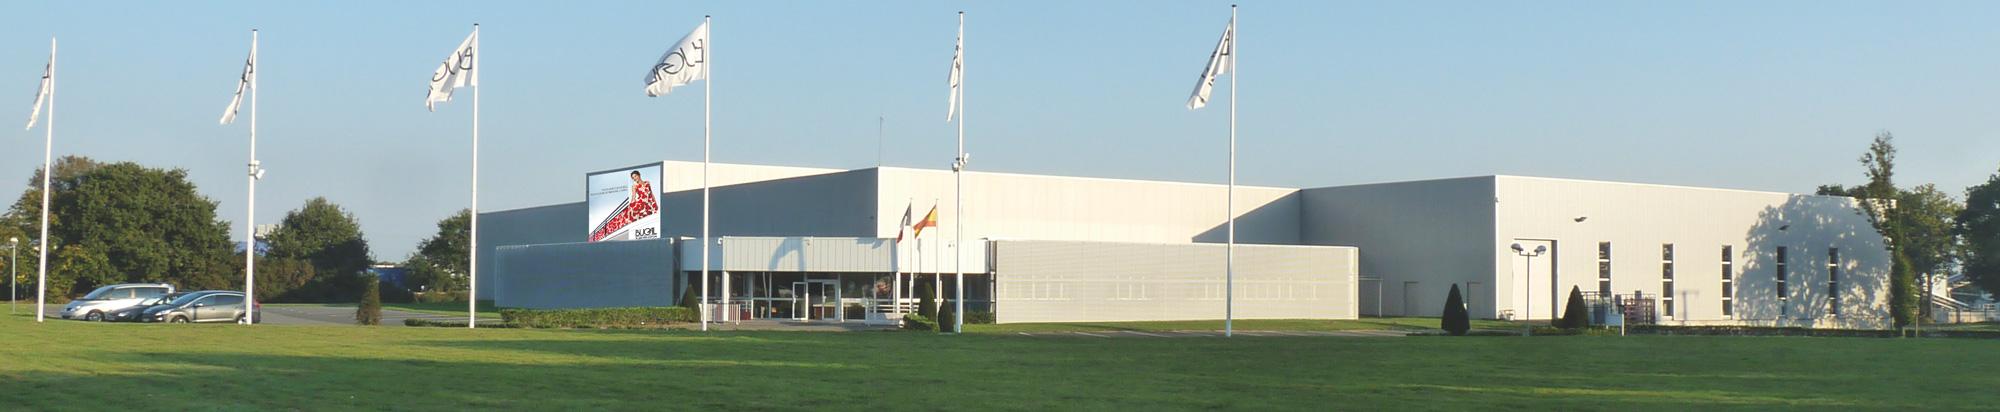 Bugal fabricant de garde corps, leader sur le marché Européen